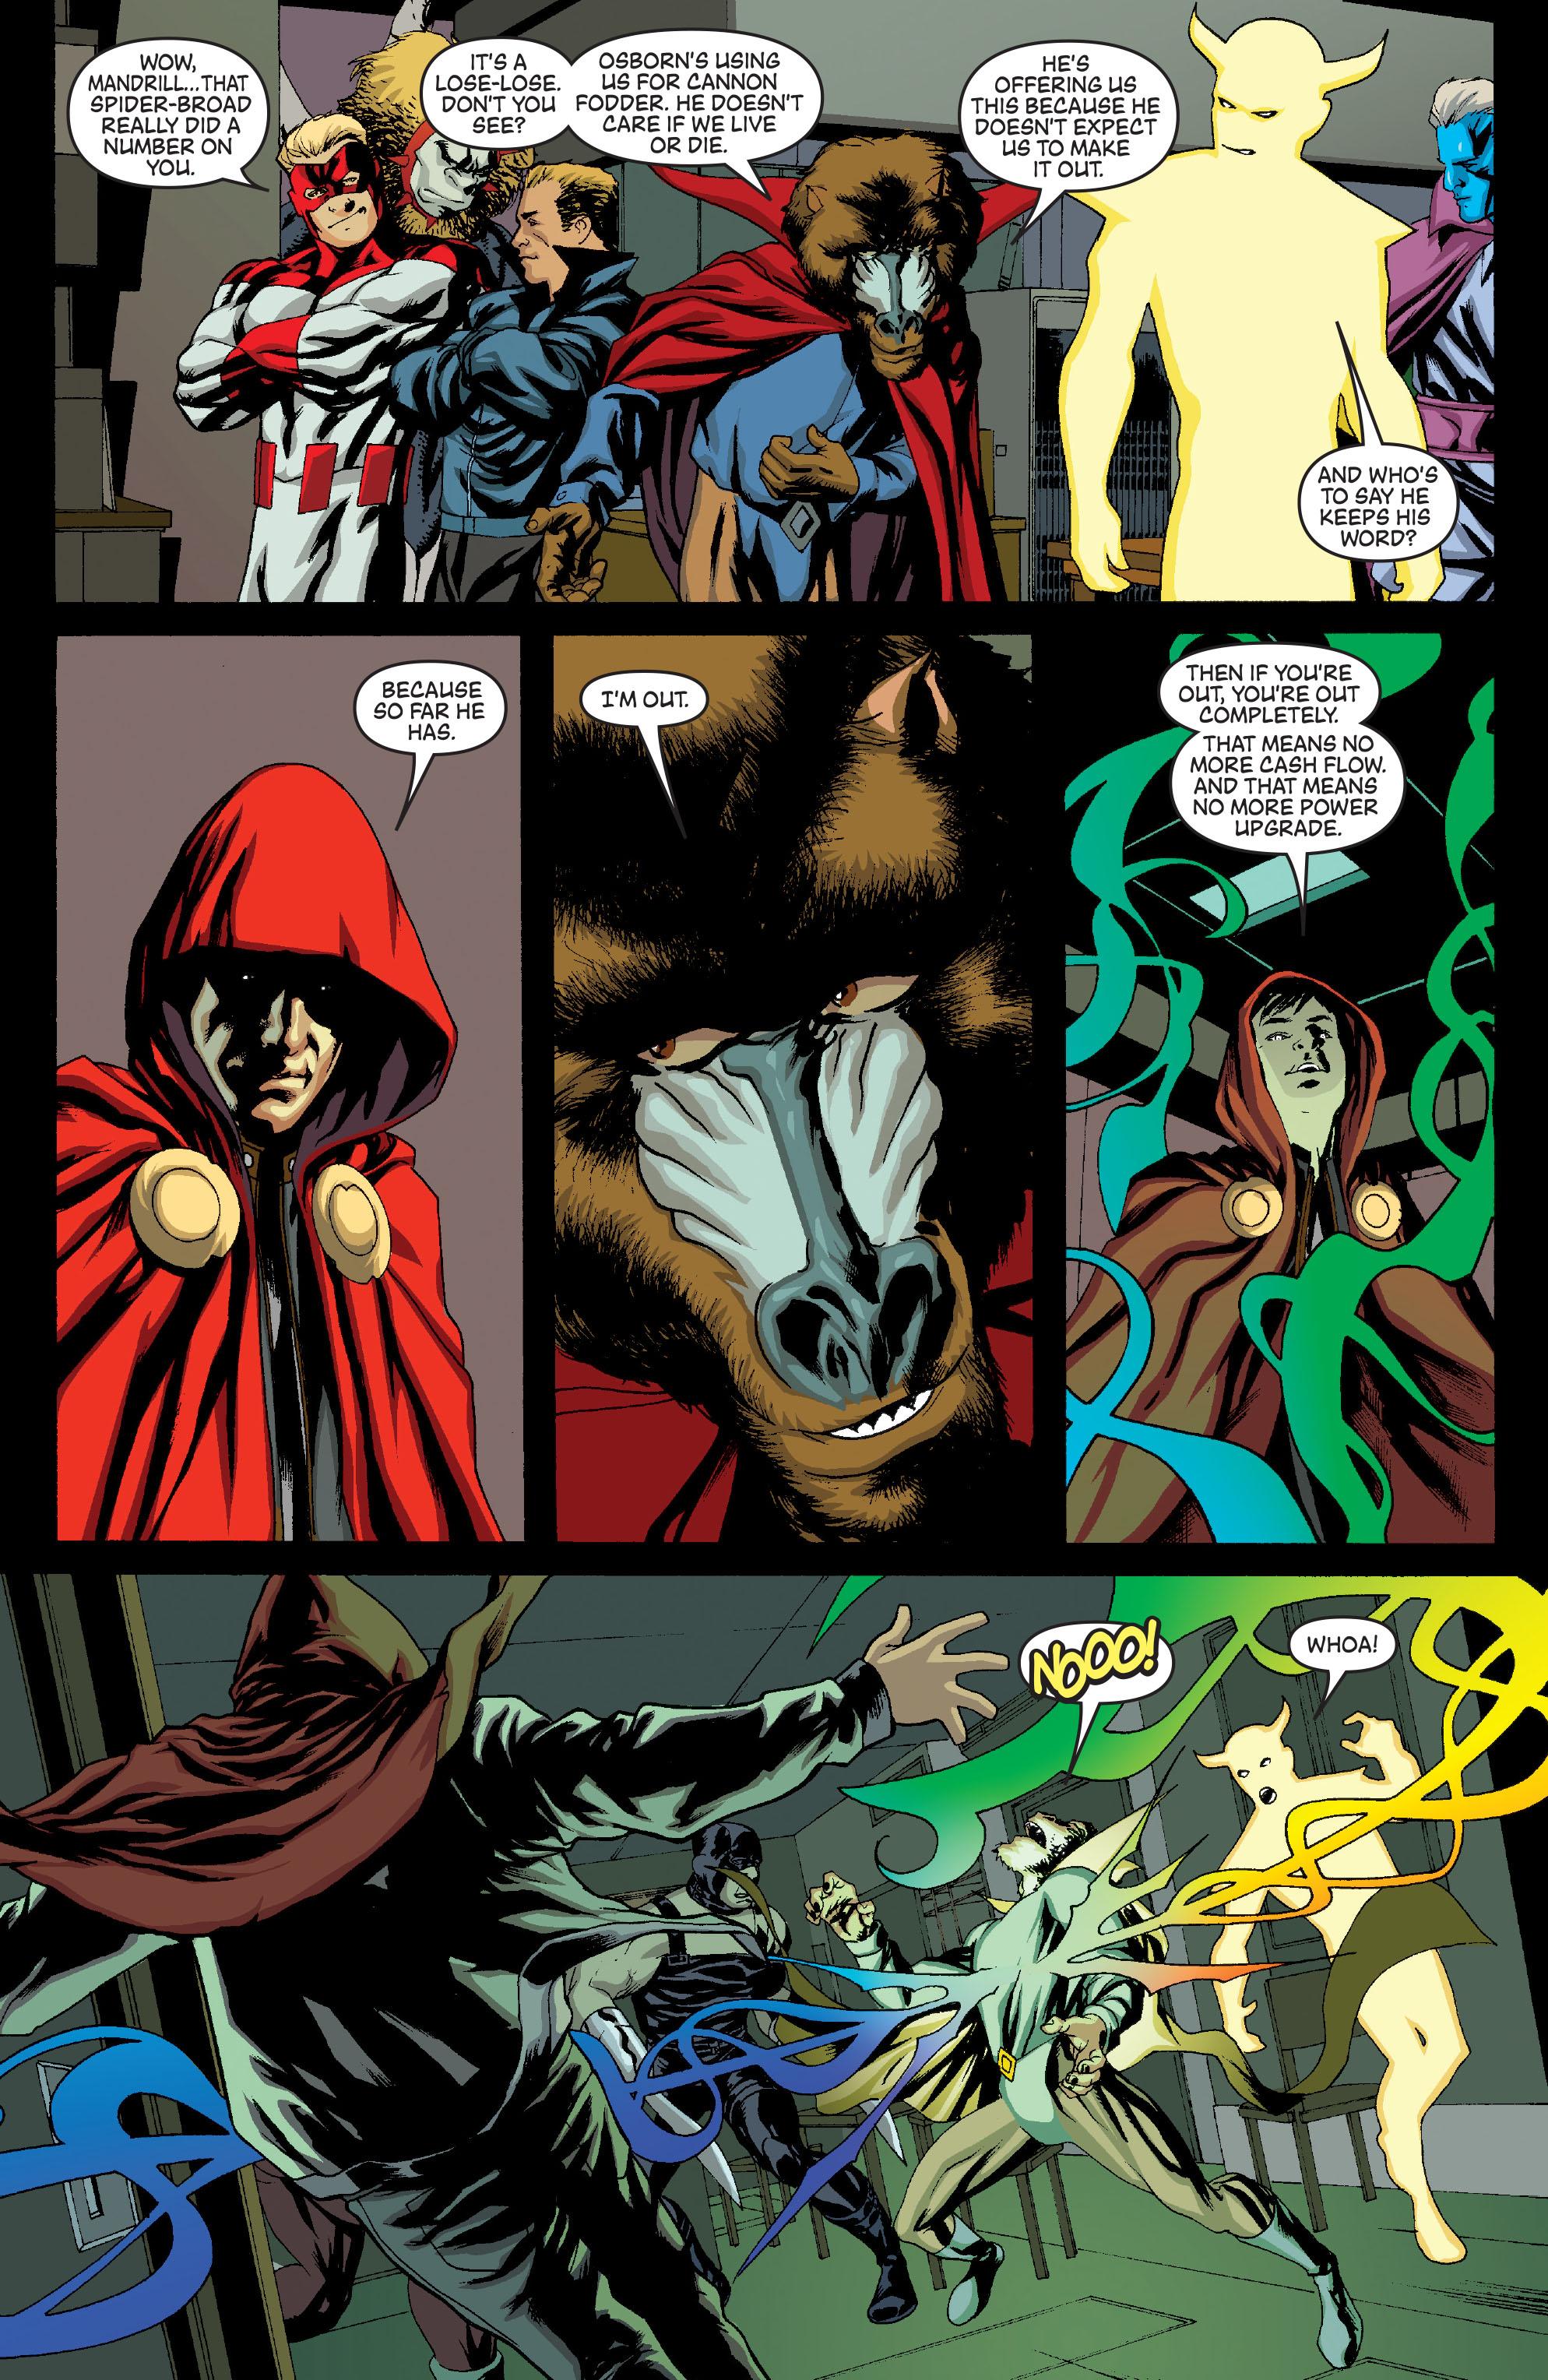 New Avengers (2005) chap 64 pic 8